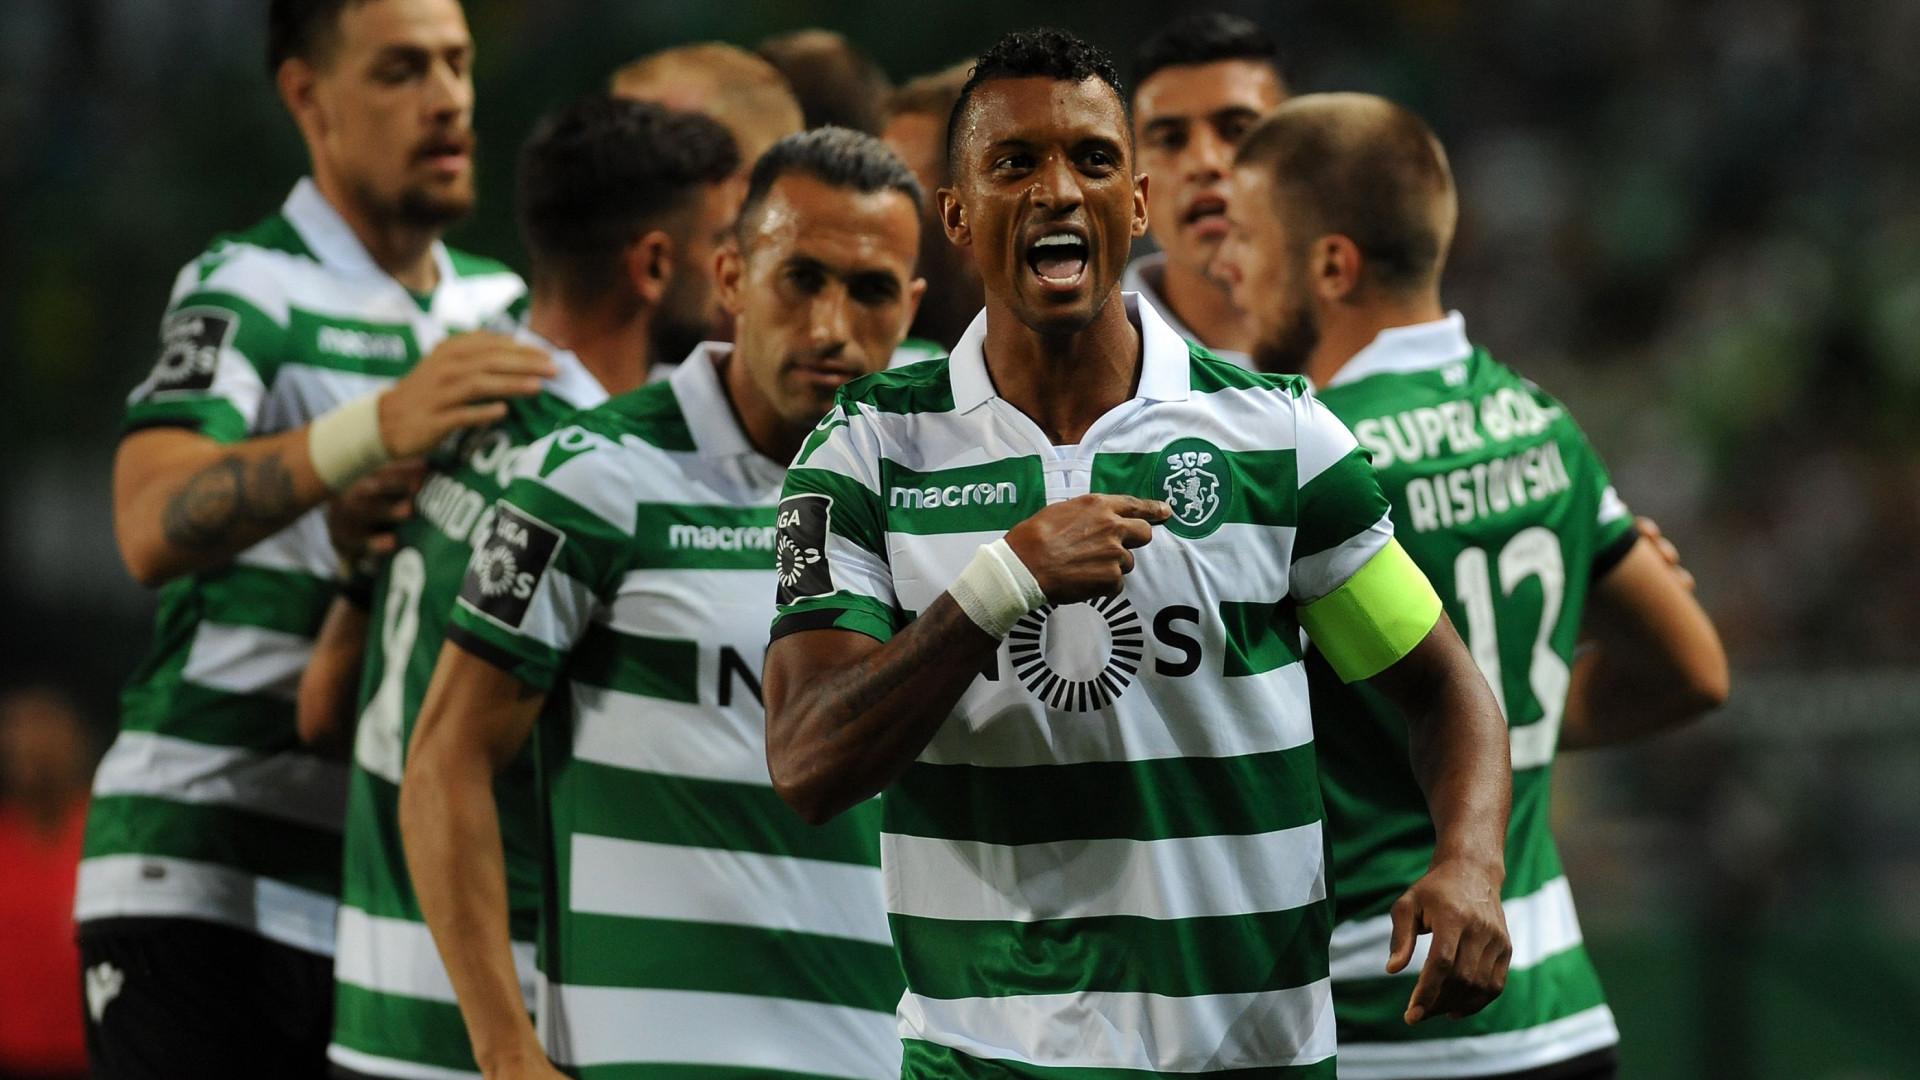 ... ao Benfica e ao FC Porto para o campeonato nacional. O jogador  português apontou apenas um tento aos azuis e brancos dee42a7818f61